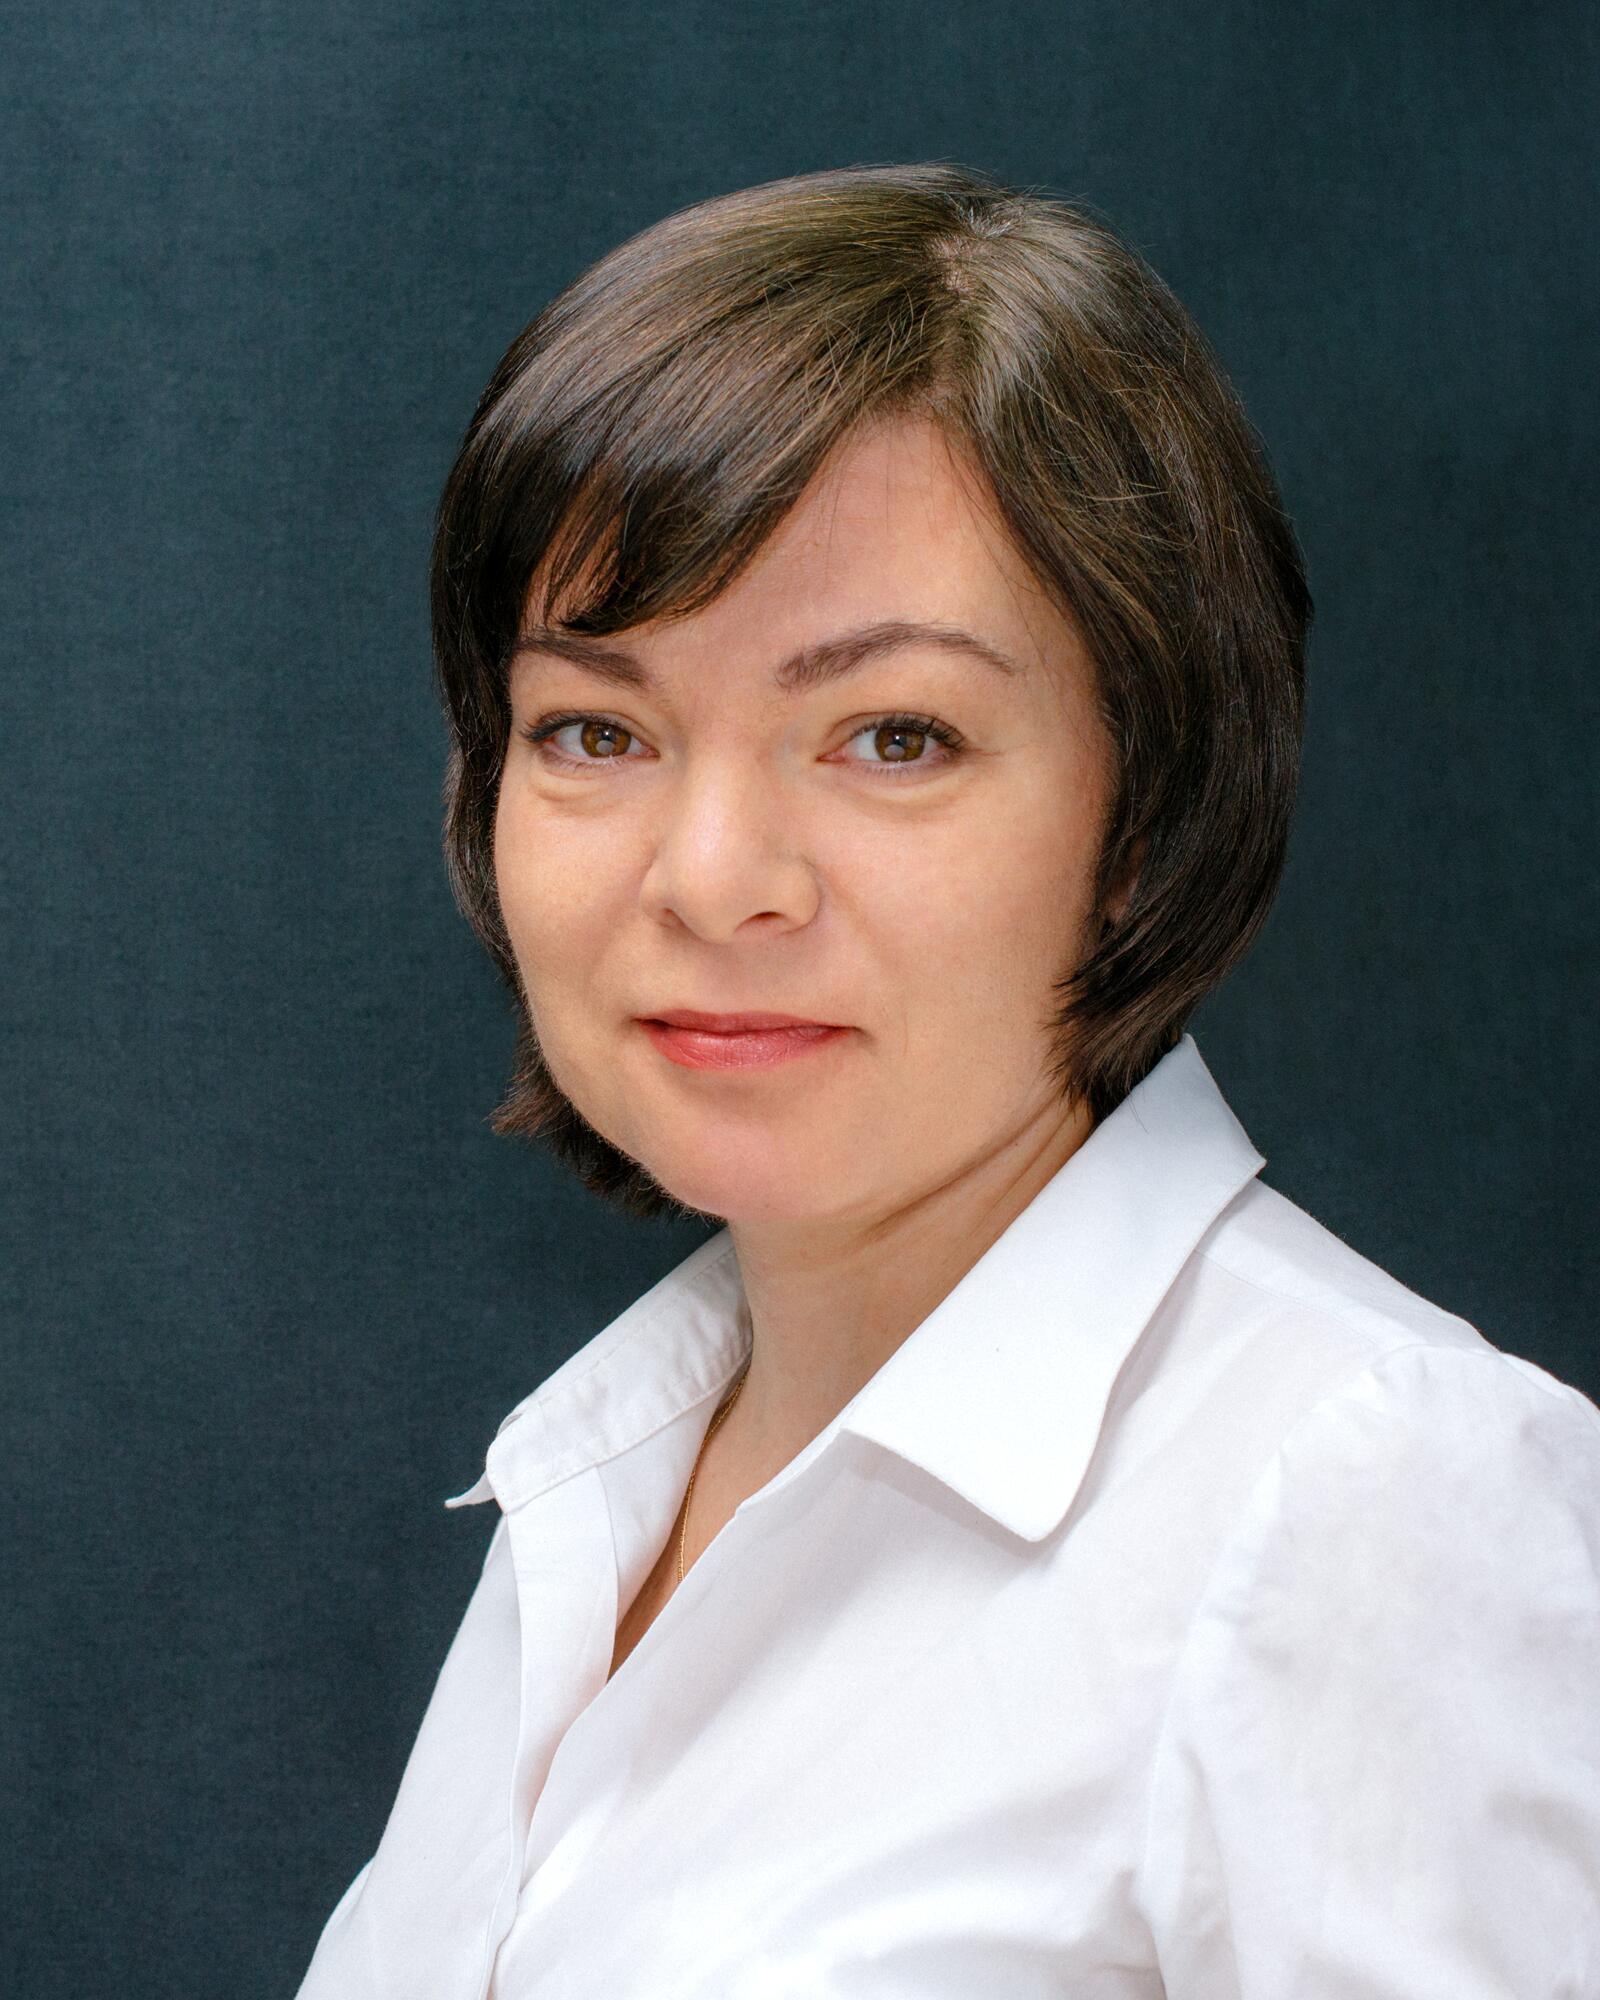 Анна Геннадьевна Бердникова